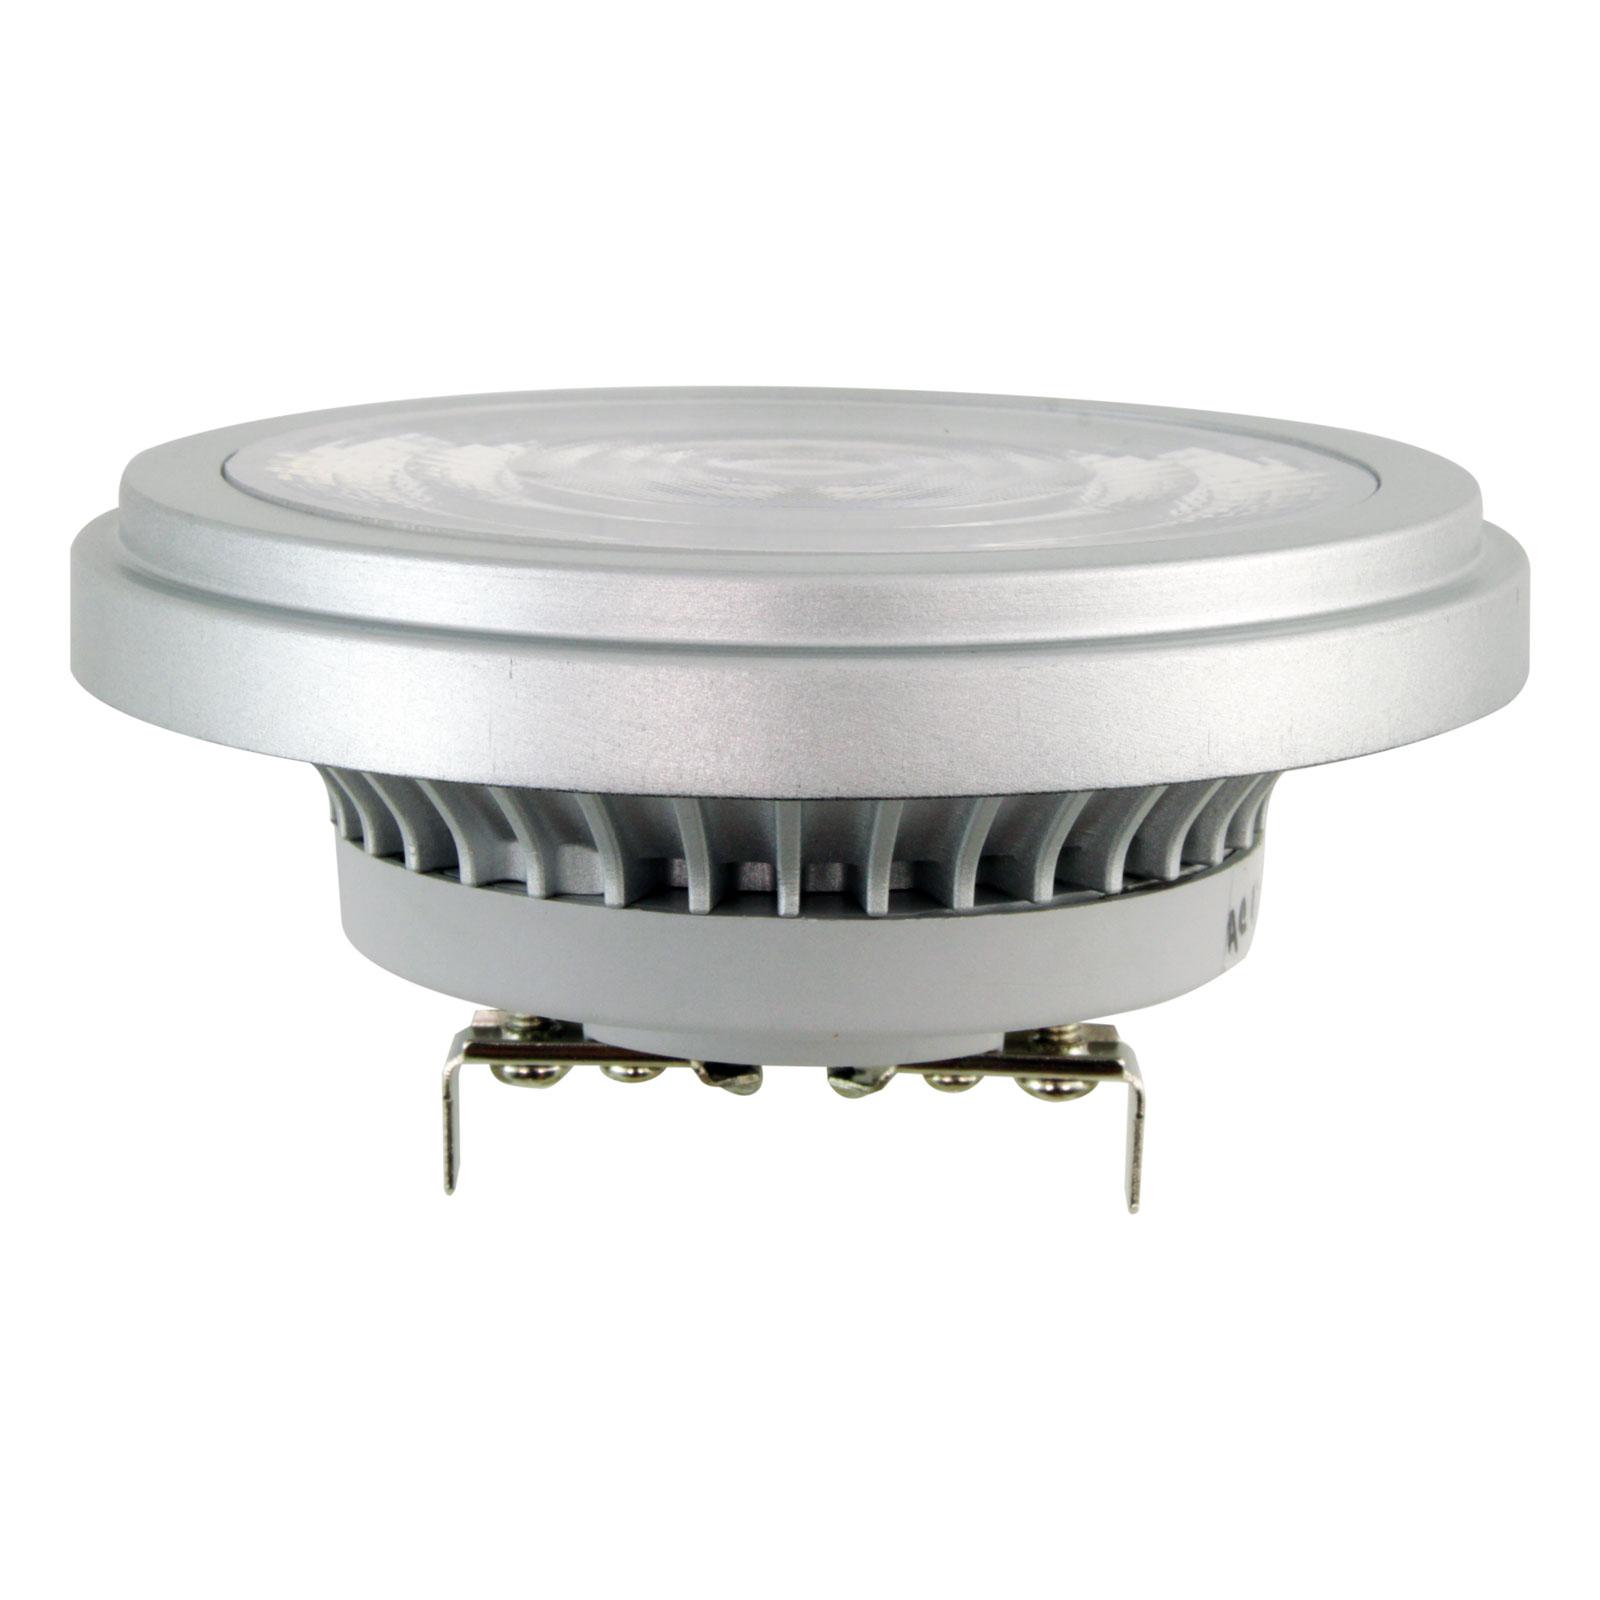 LED-Lampe G53 13W Dual Beam warmweiß